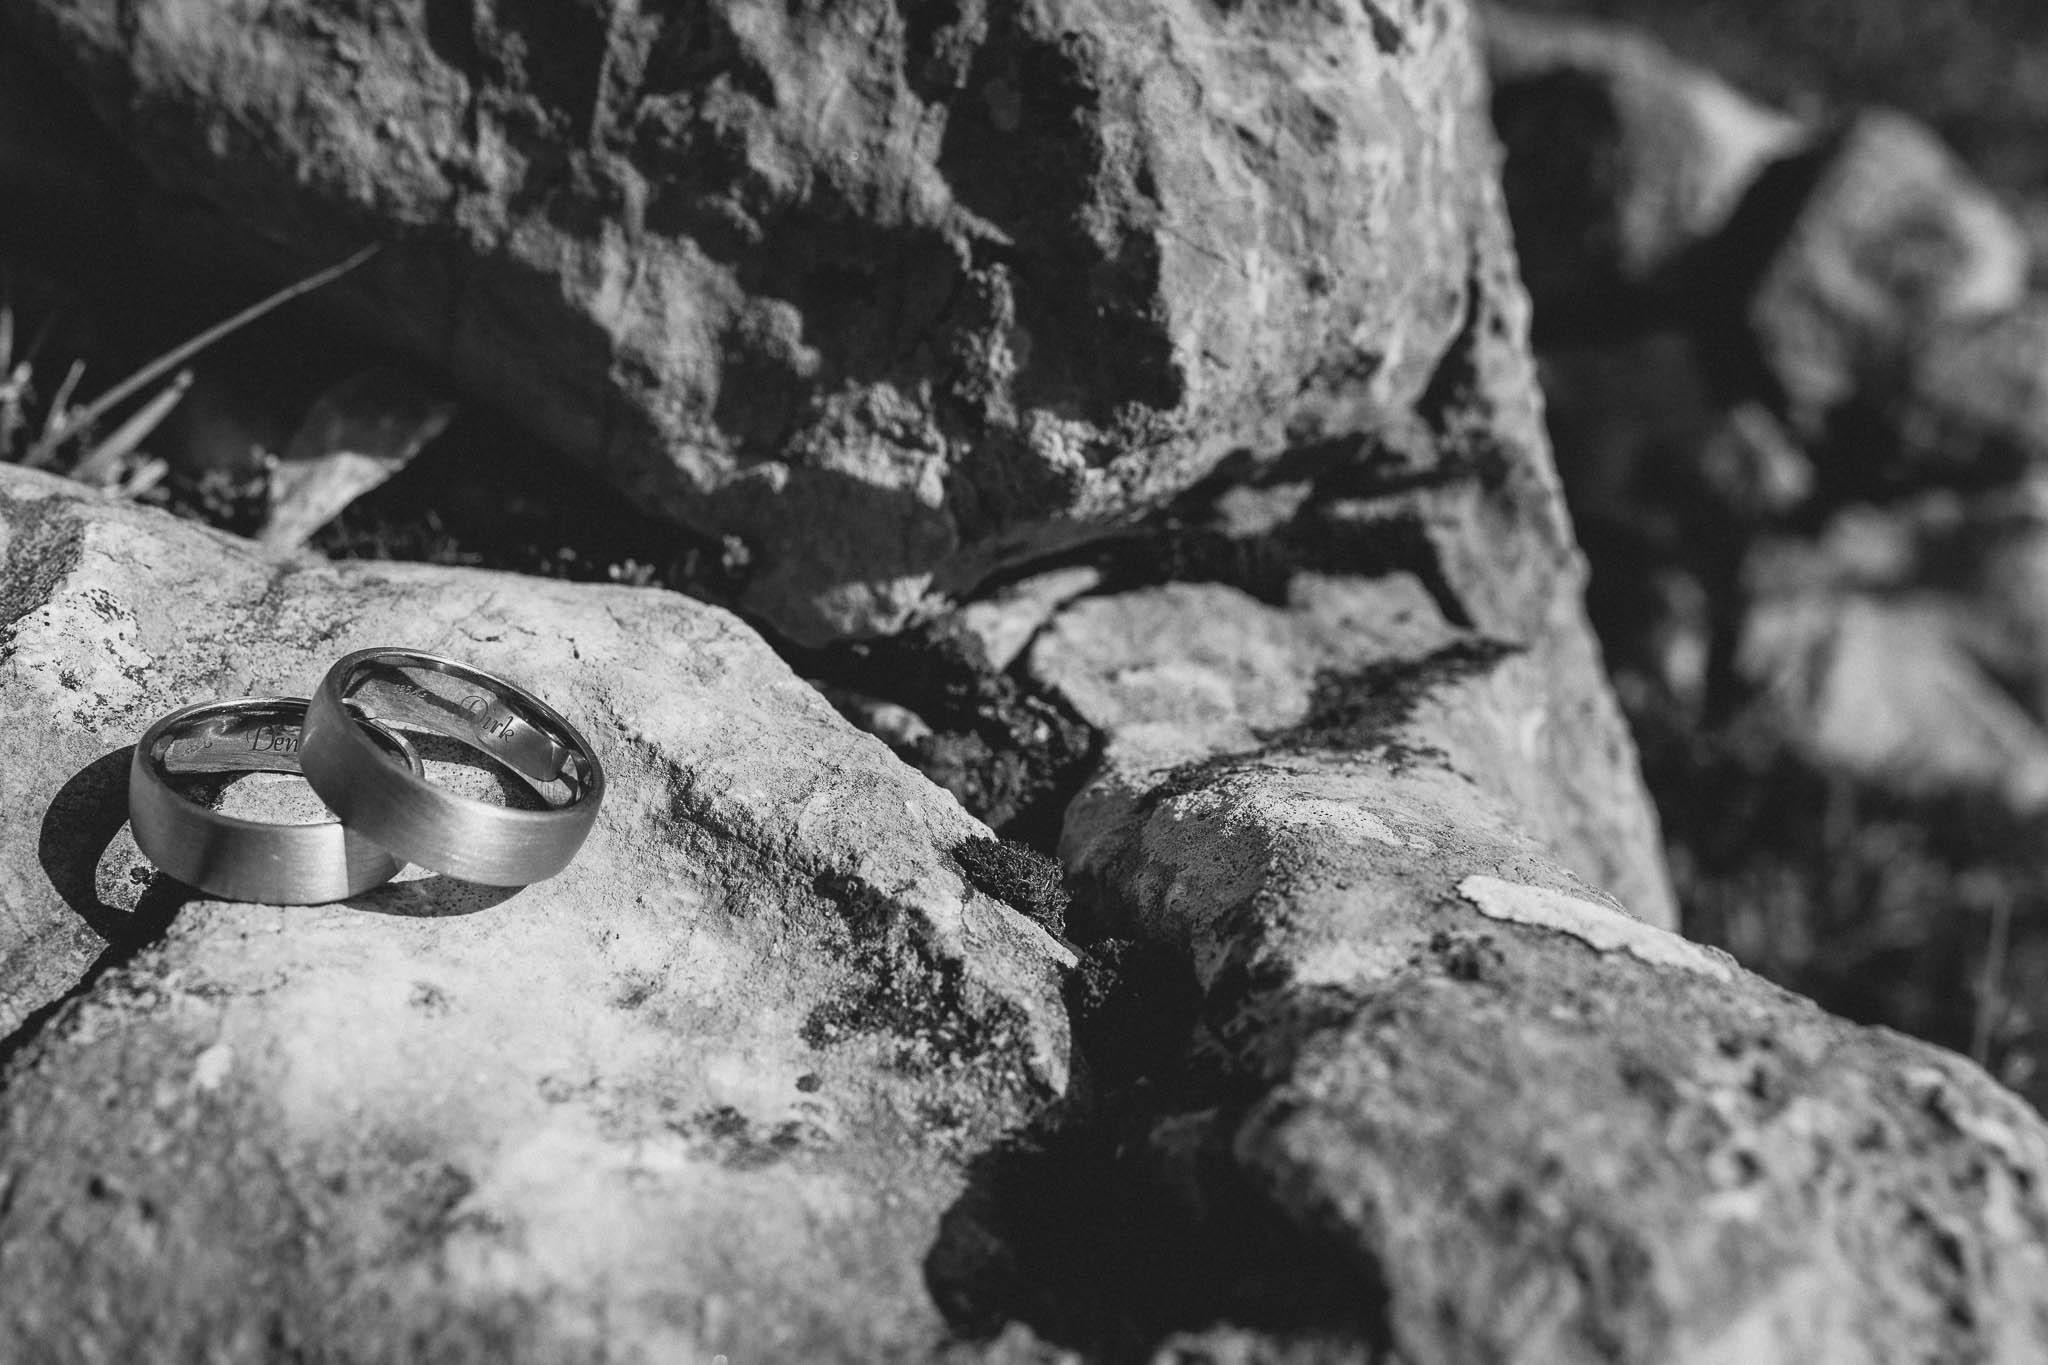 Hochzeitsfotograf Alpen, Chiemgau: freie Trauung von Dennis & Dirk 48